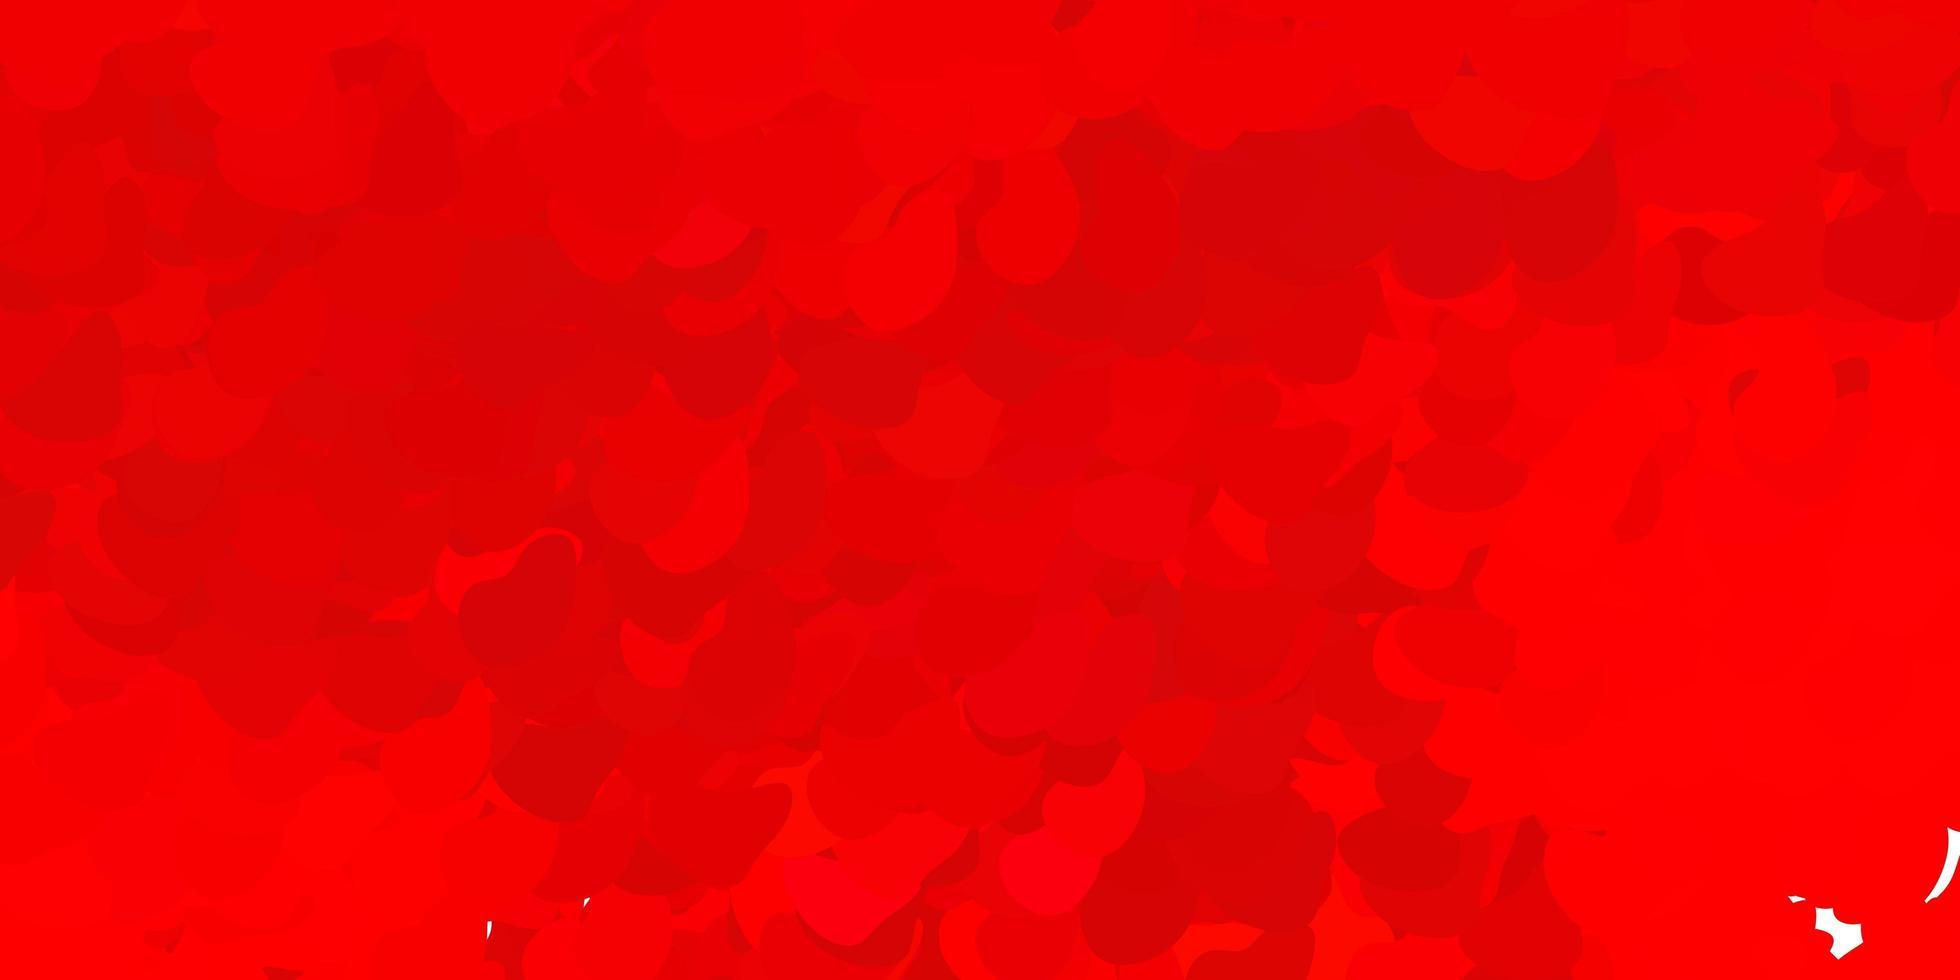 patrón rojo claro con formas abstractas. vector